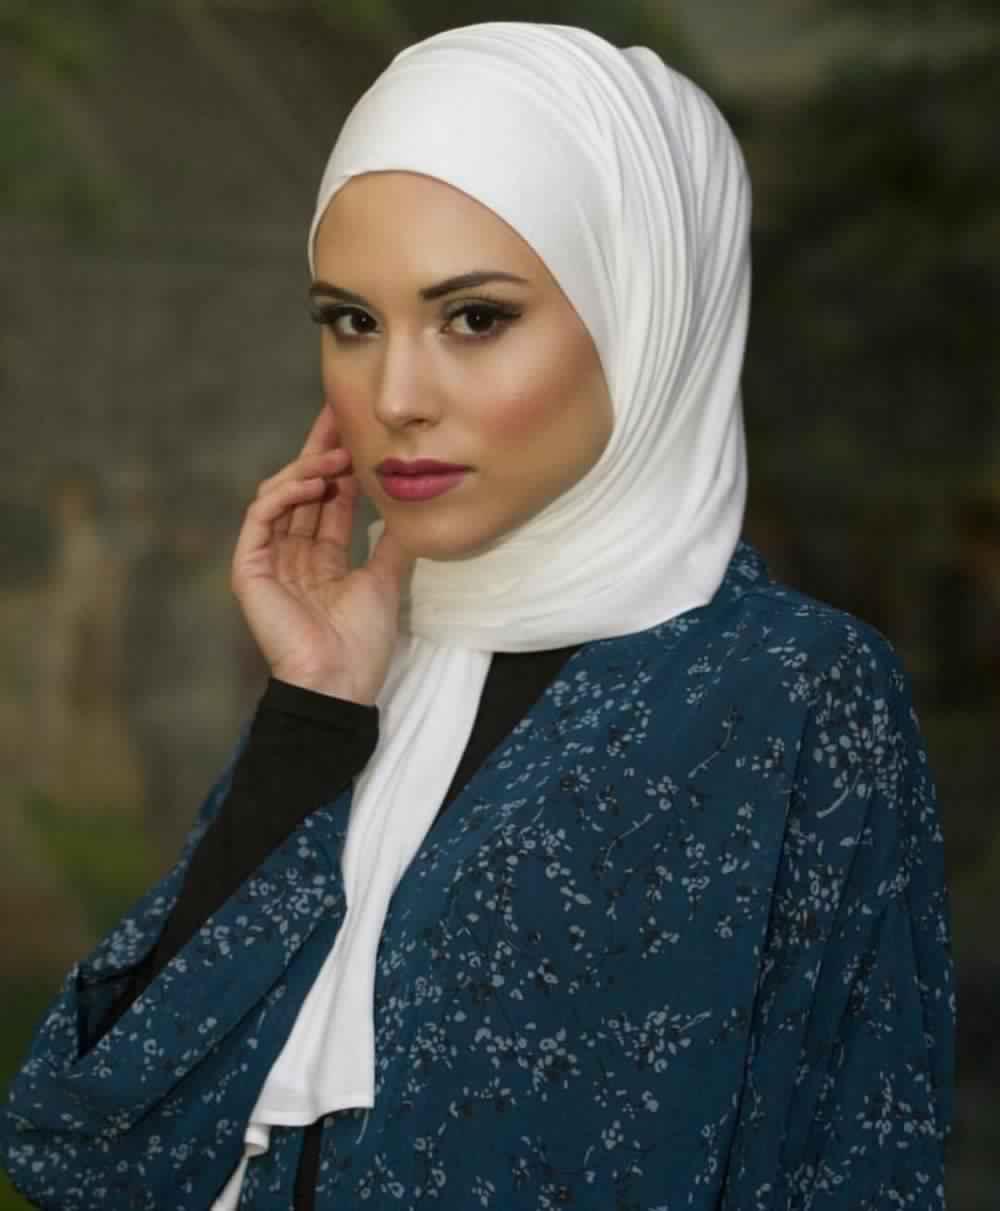 facon-de-hijab-14